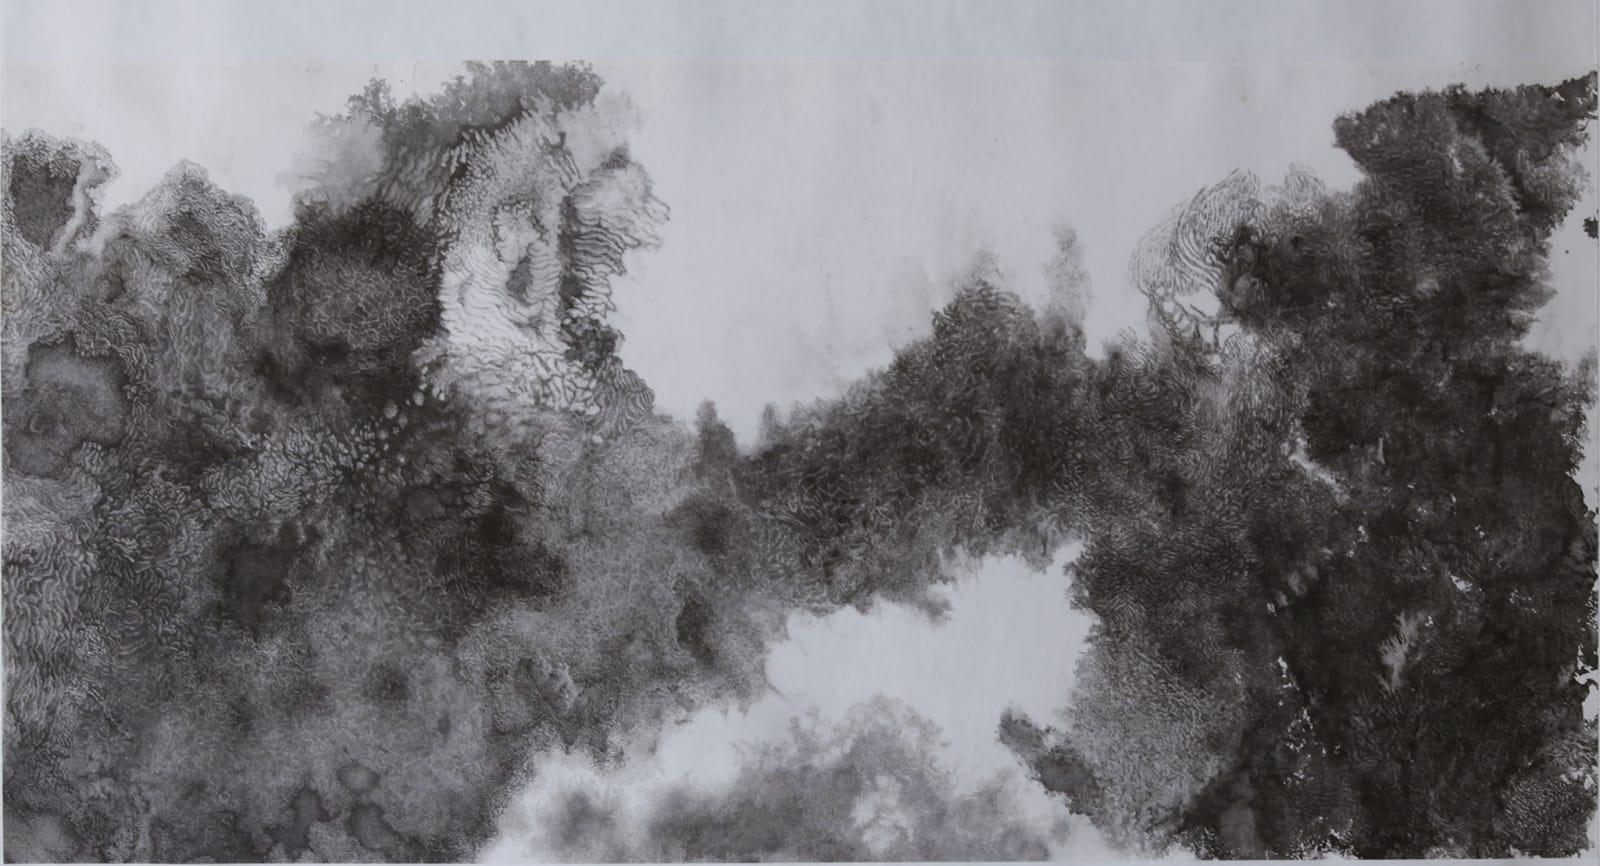 Bingyi 冰逸, Matrix 太初, 2015